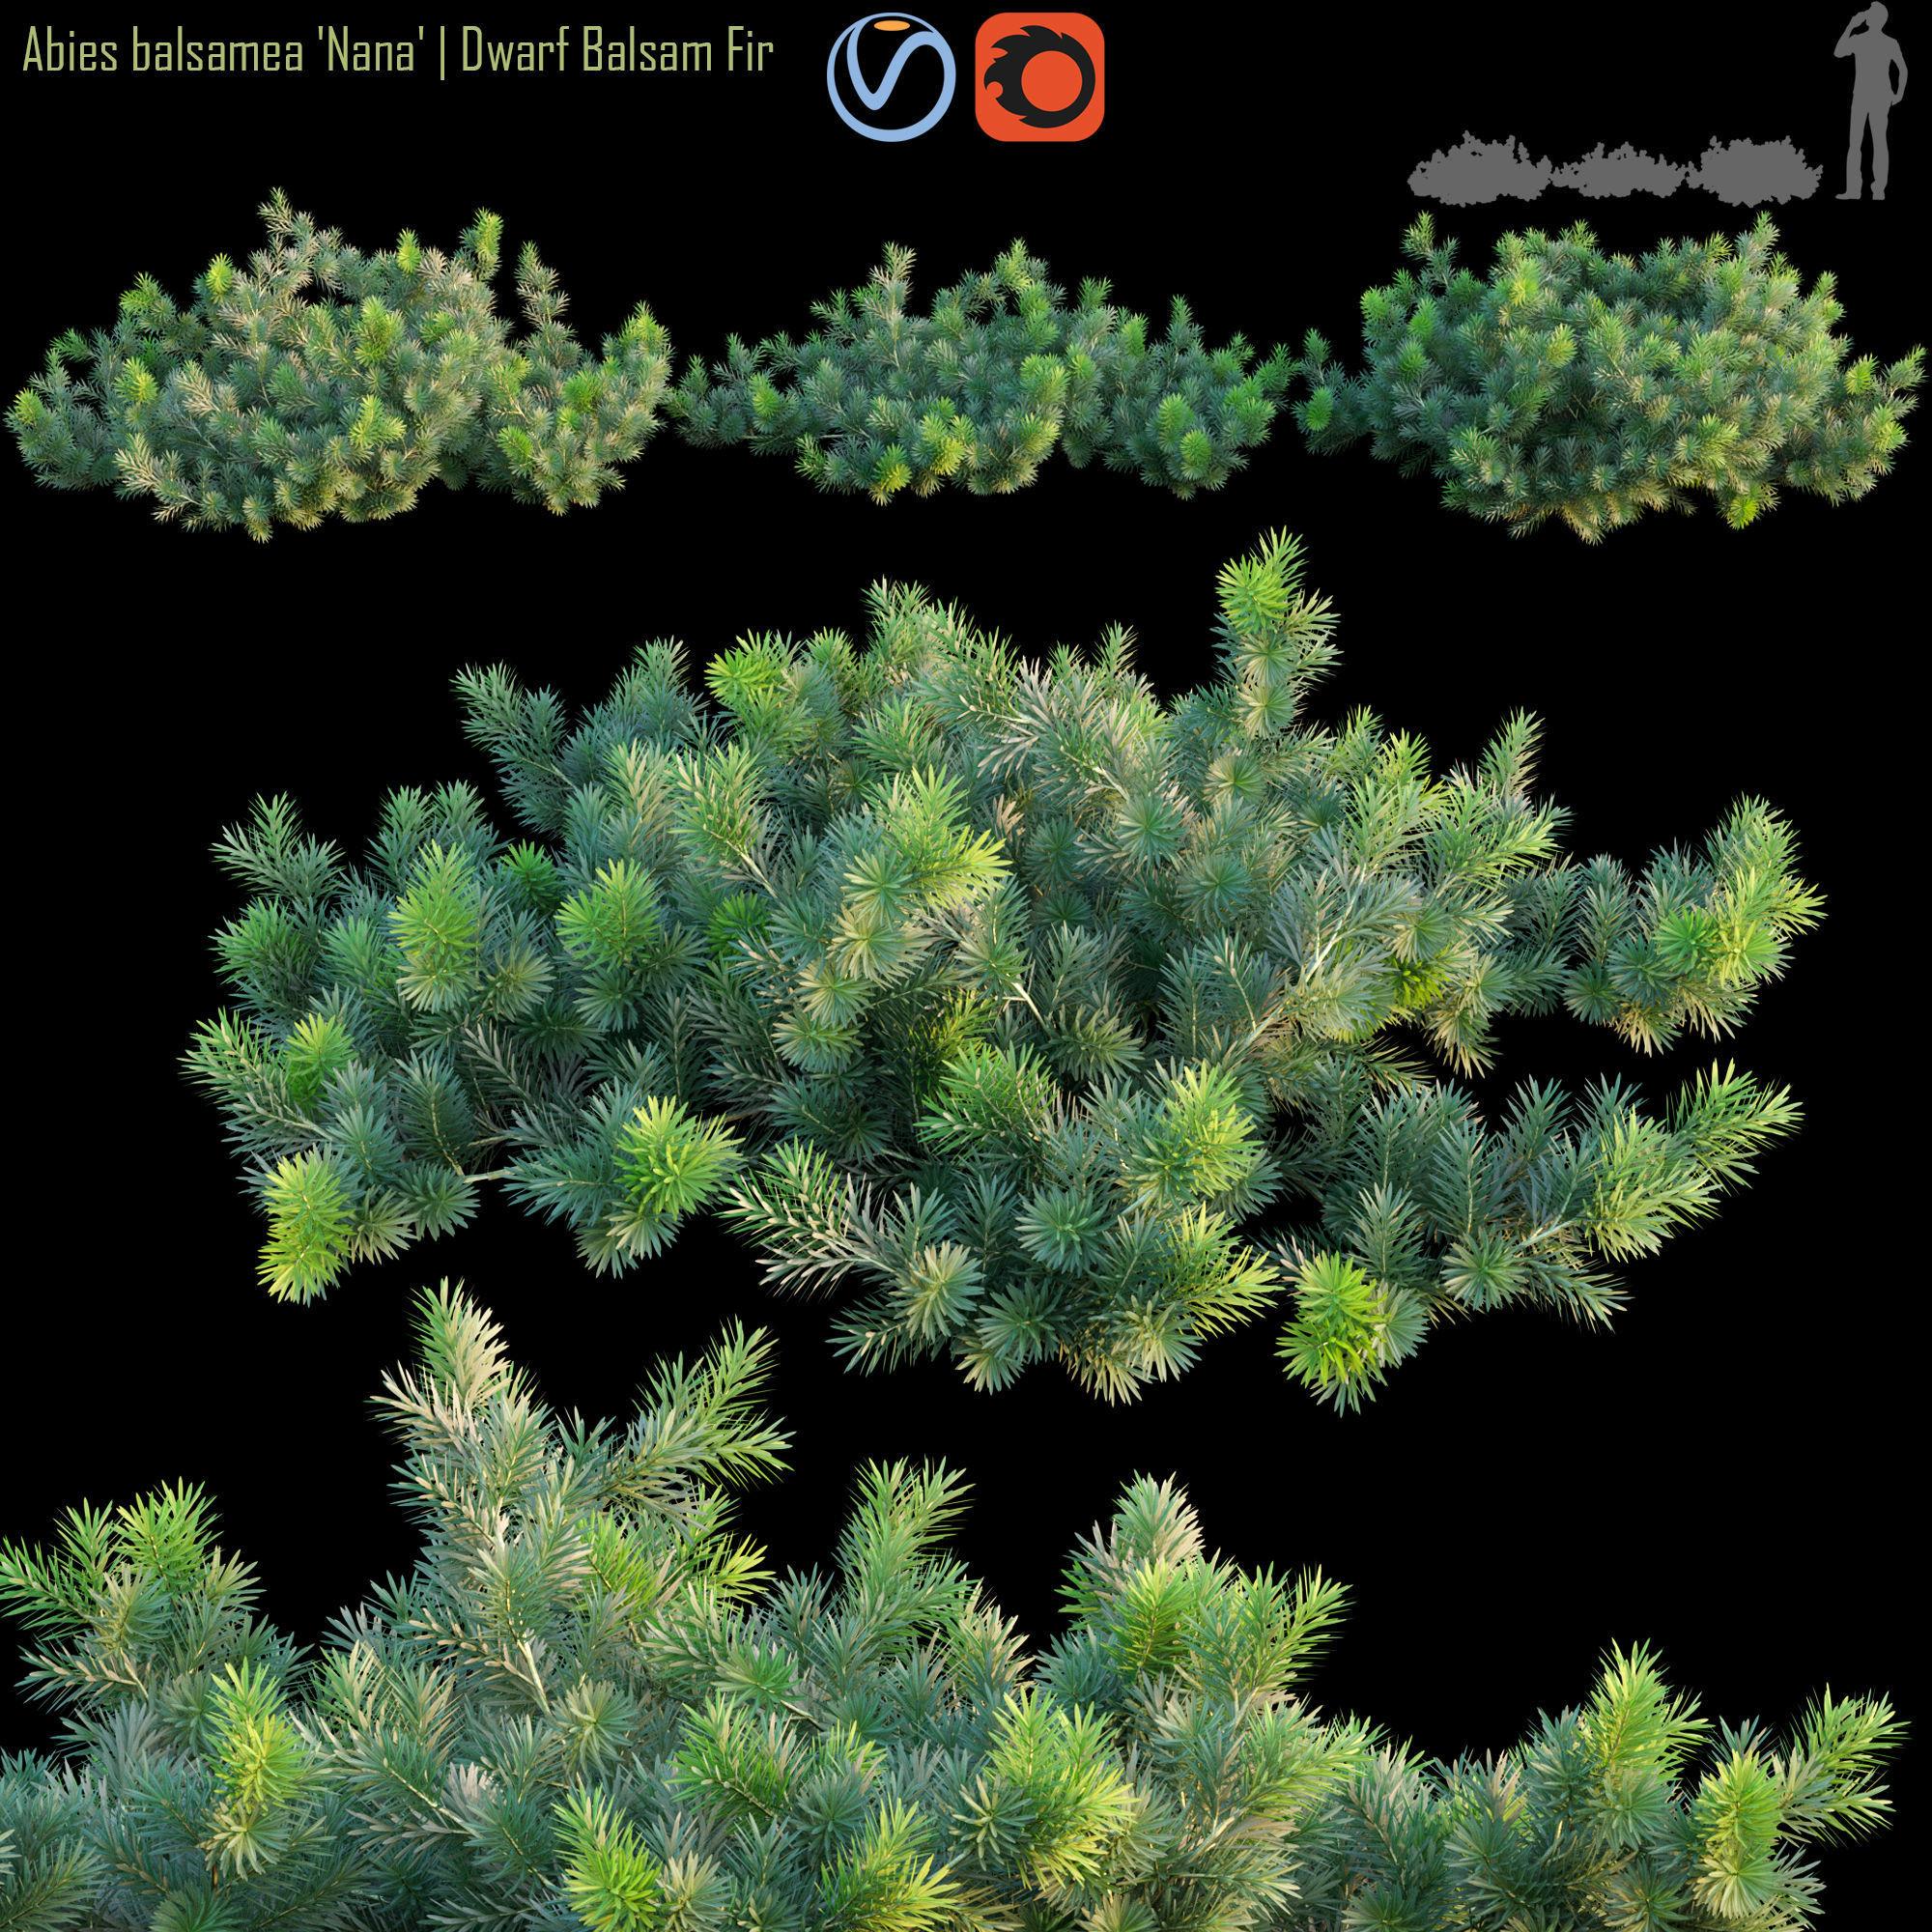 Abies balsamea  Dwarf balsam fir